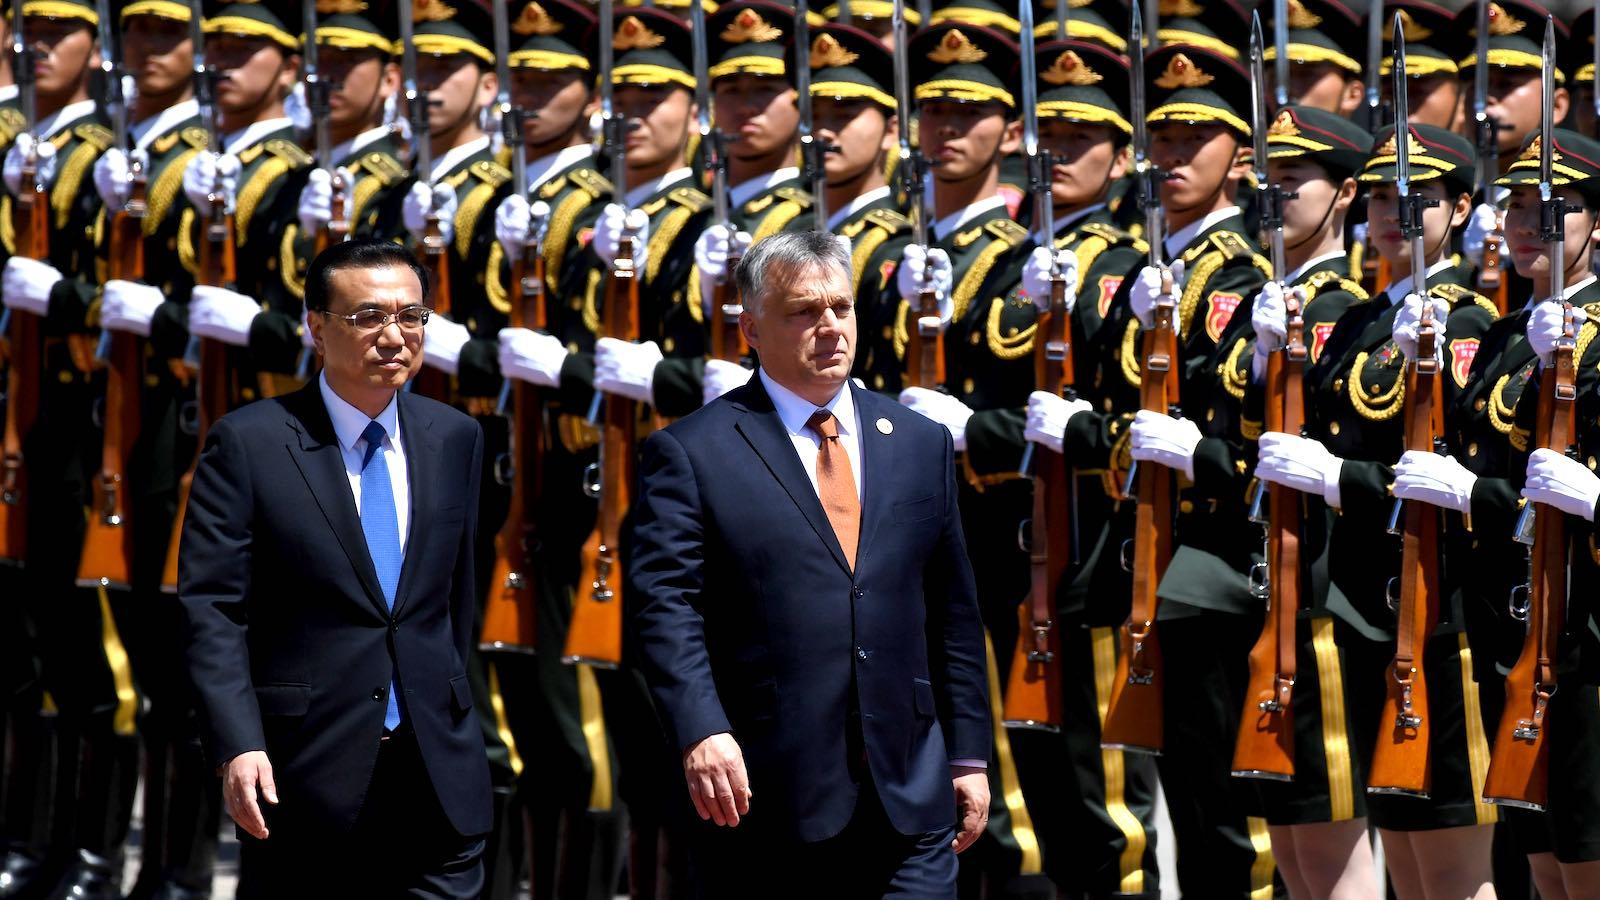 Világ: Hont: Isten hozza, Elnök Úr! | zonataxi.hu